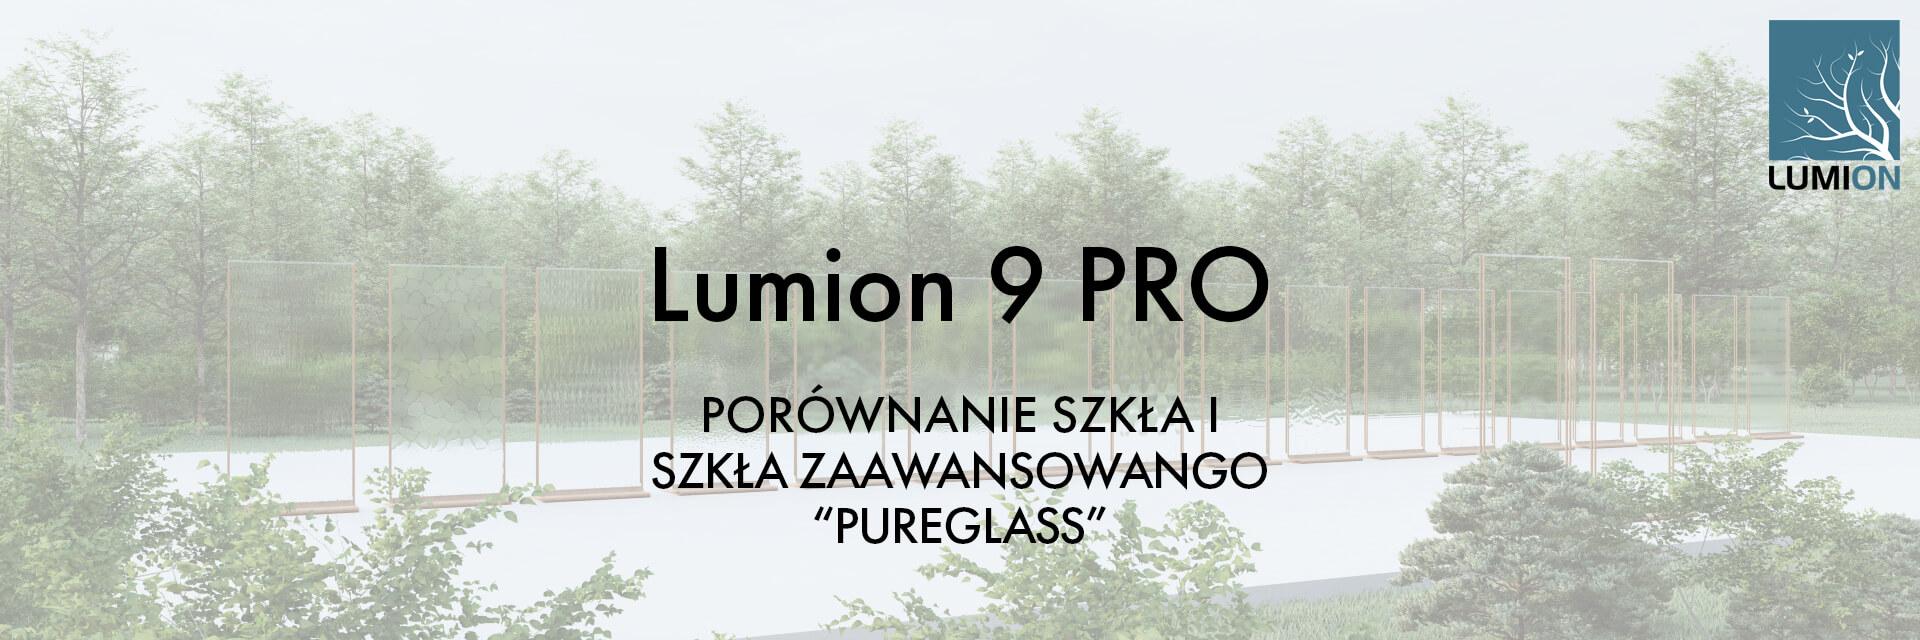 """T16 ST - Lumion 9 PORÓWNANIE SZKŁA I SZKŁA ZAAWANSOWANEGO """"PUREGLASS"""""""